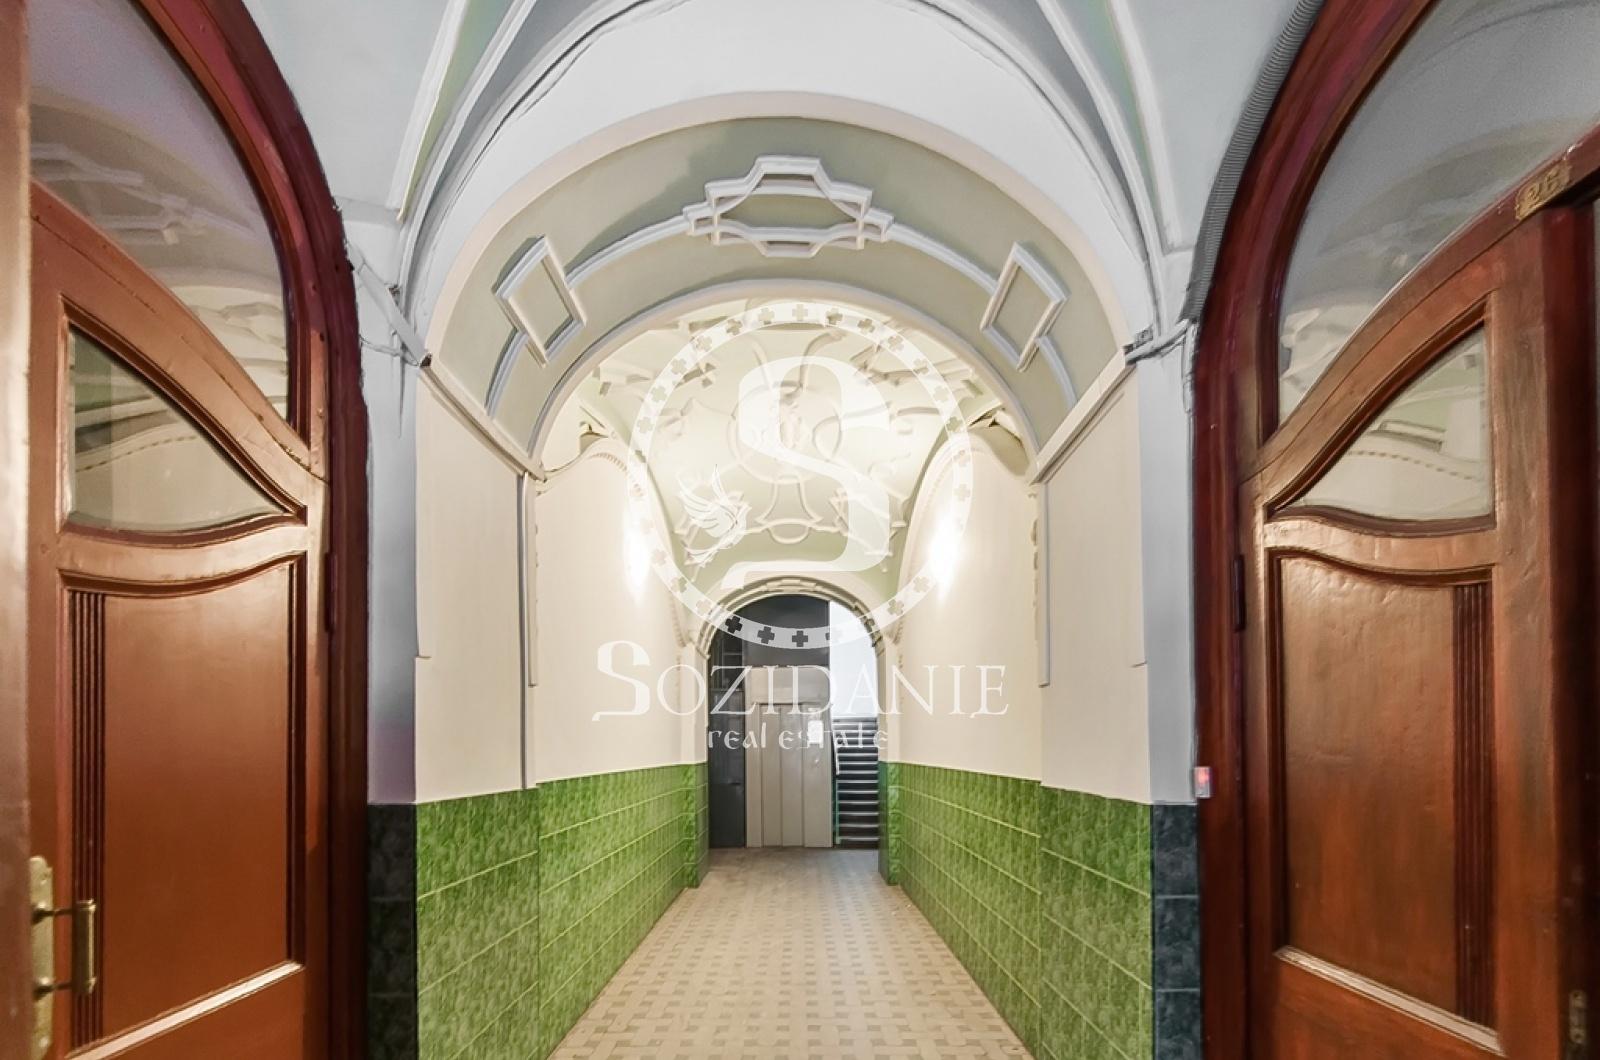 4 Комнаты, Городская, Продажа, Улица Остоженка, Listing ID 1291, Москва, Россия,